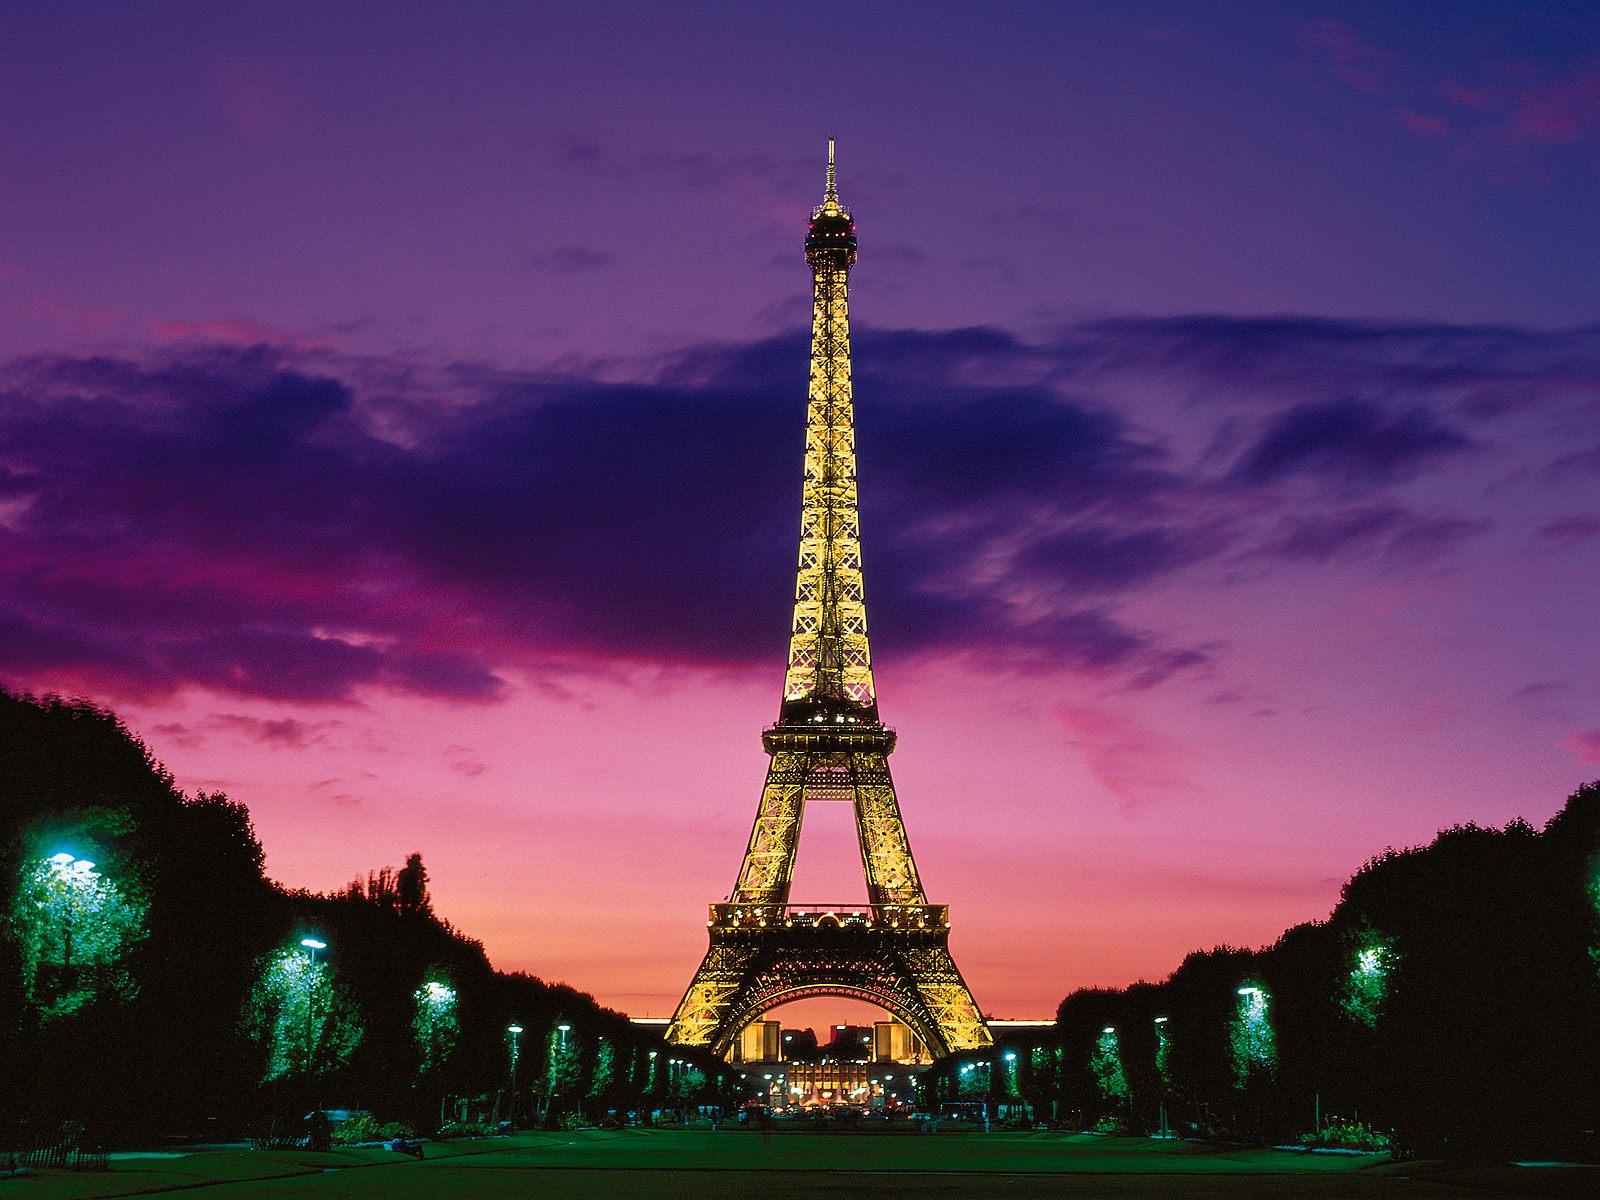 Paris tower eiffel paris france paris eiffel tower wallpaper paris